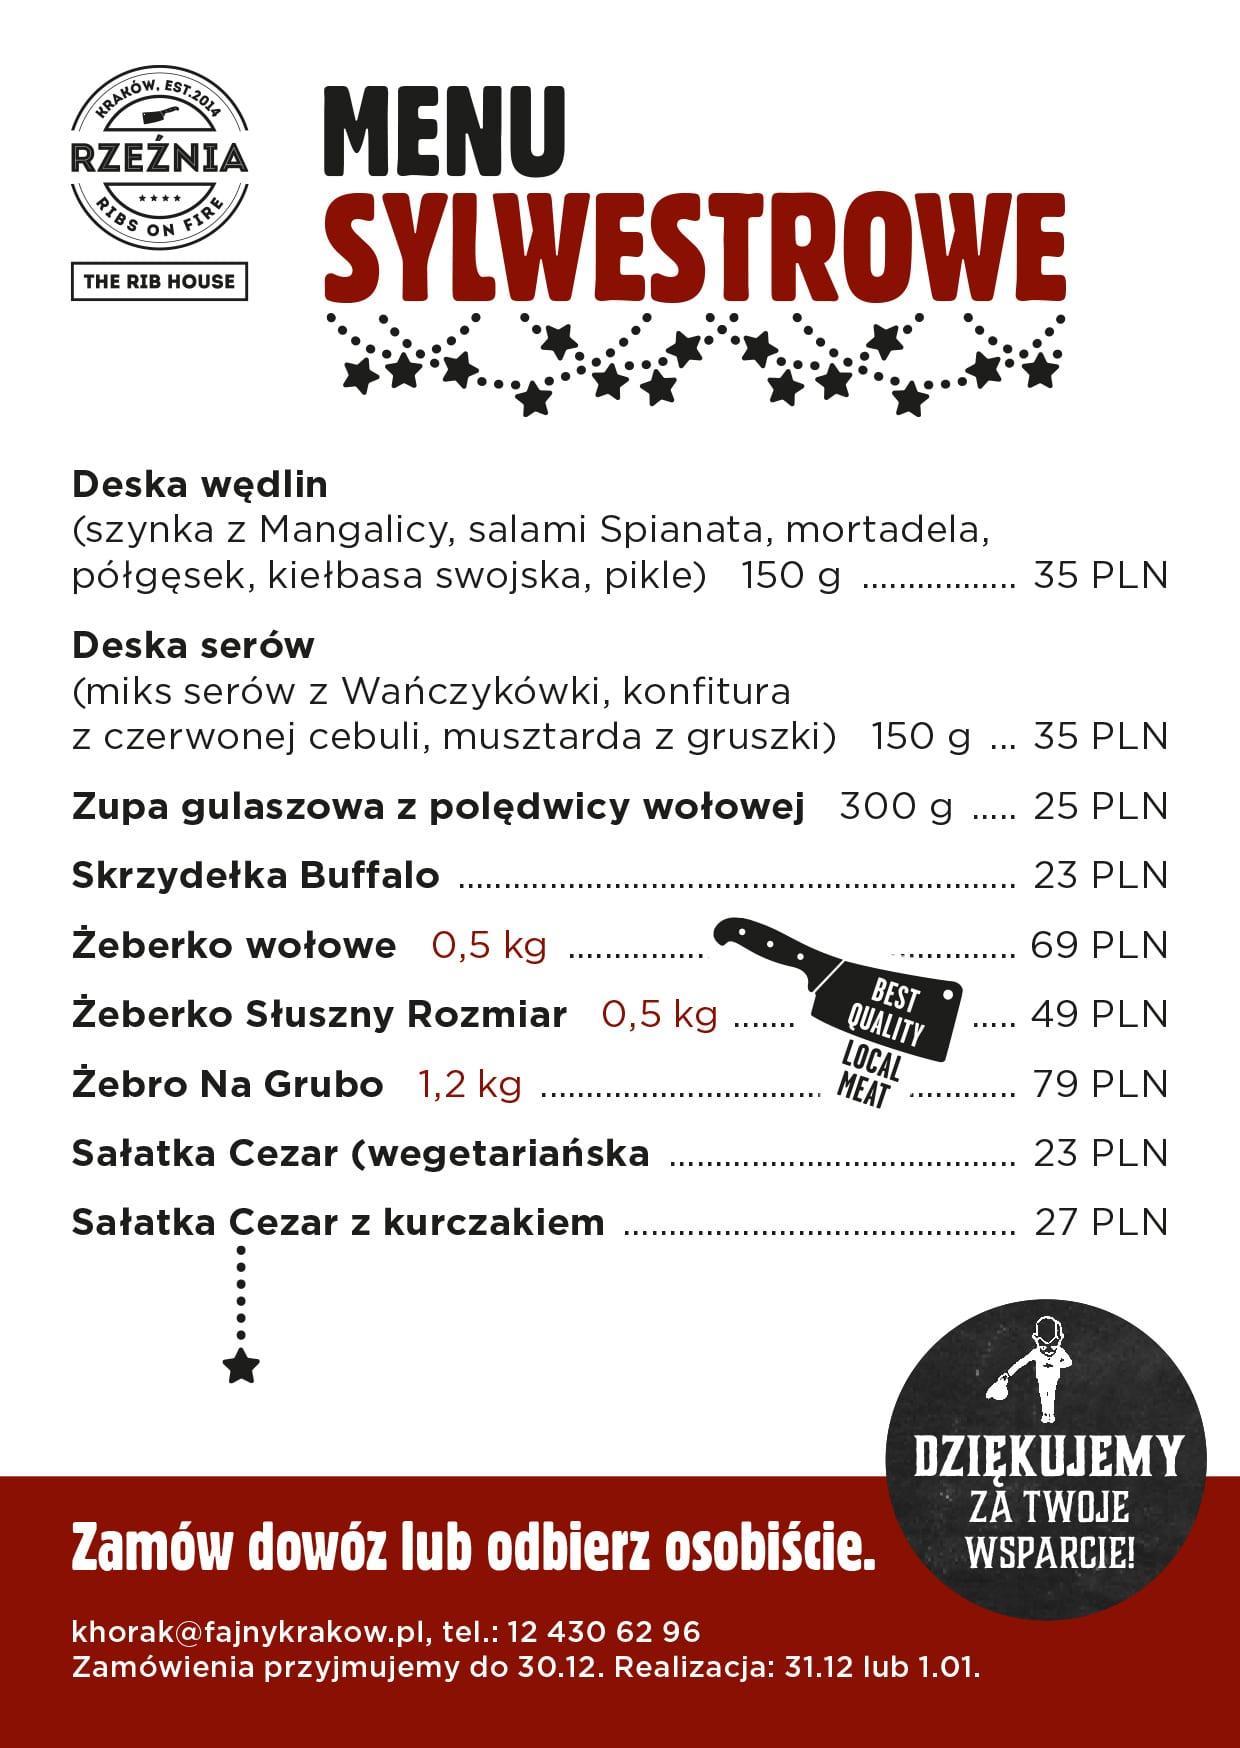 menu sylwestrowe 2020 rzeźnia kraków